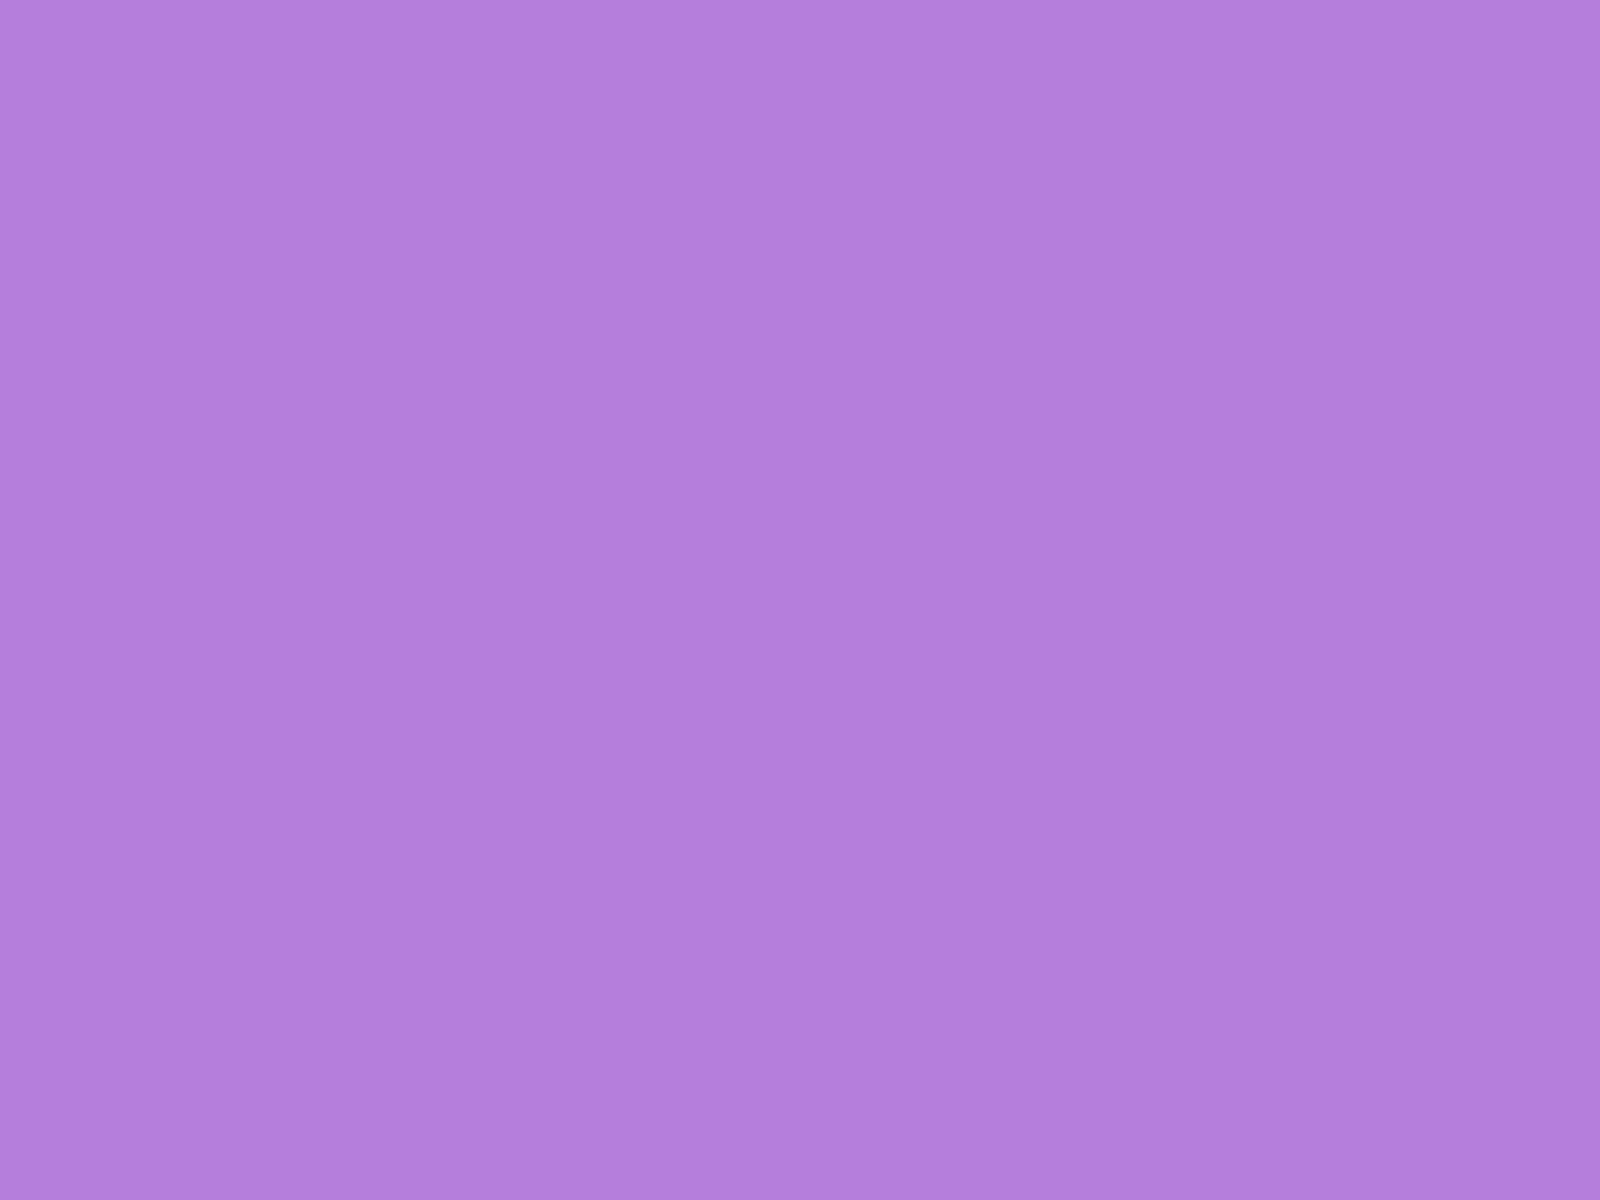 1600x1200 Lavender Floral Solid Color Background